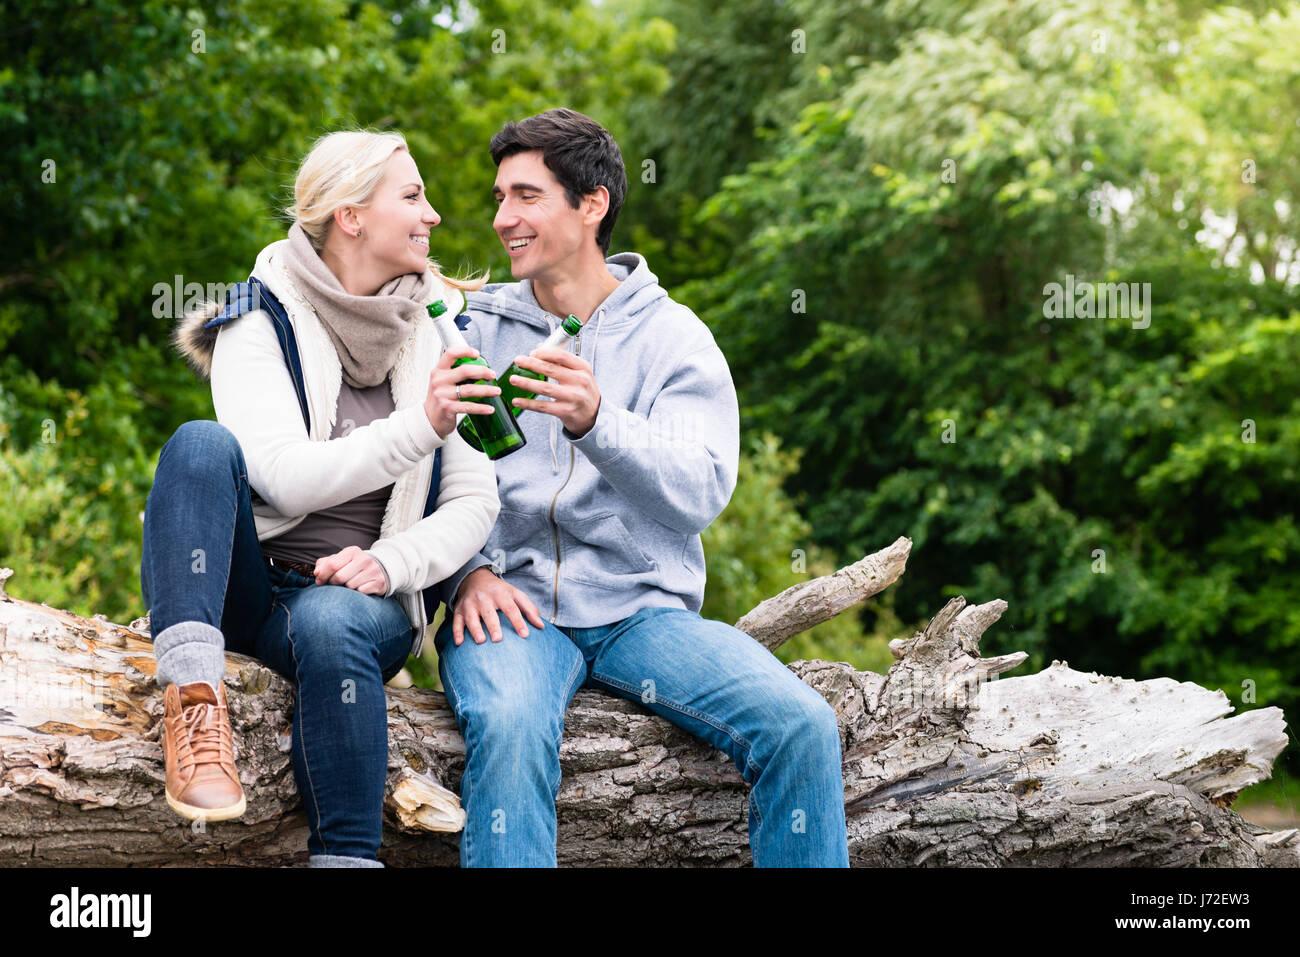 Los amantes de las vacaciones sentado en waterside tintineo de botellas de cerveza Imagen De Stock